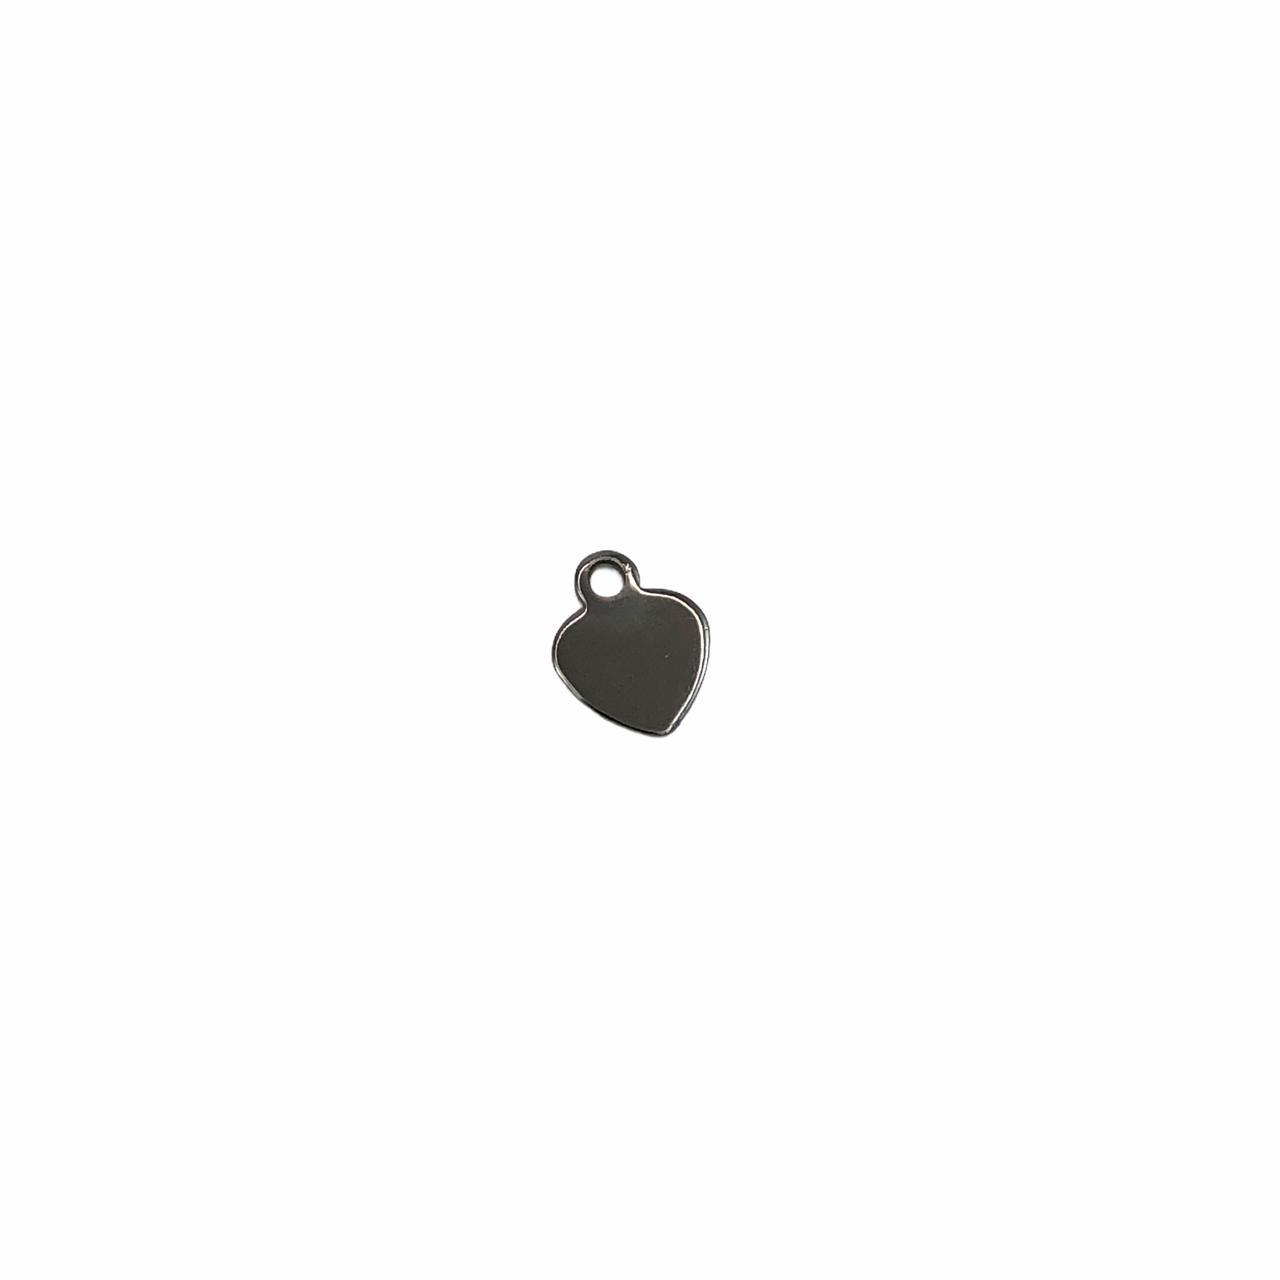 PG856 - Pingente Coração 5mm Banhado Cor Grafite - 1Grs